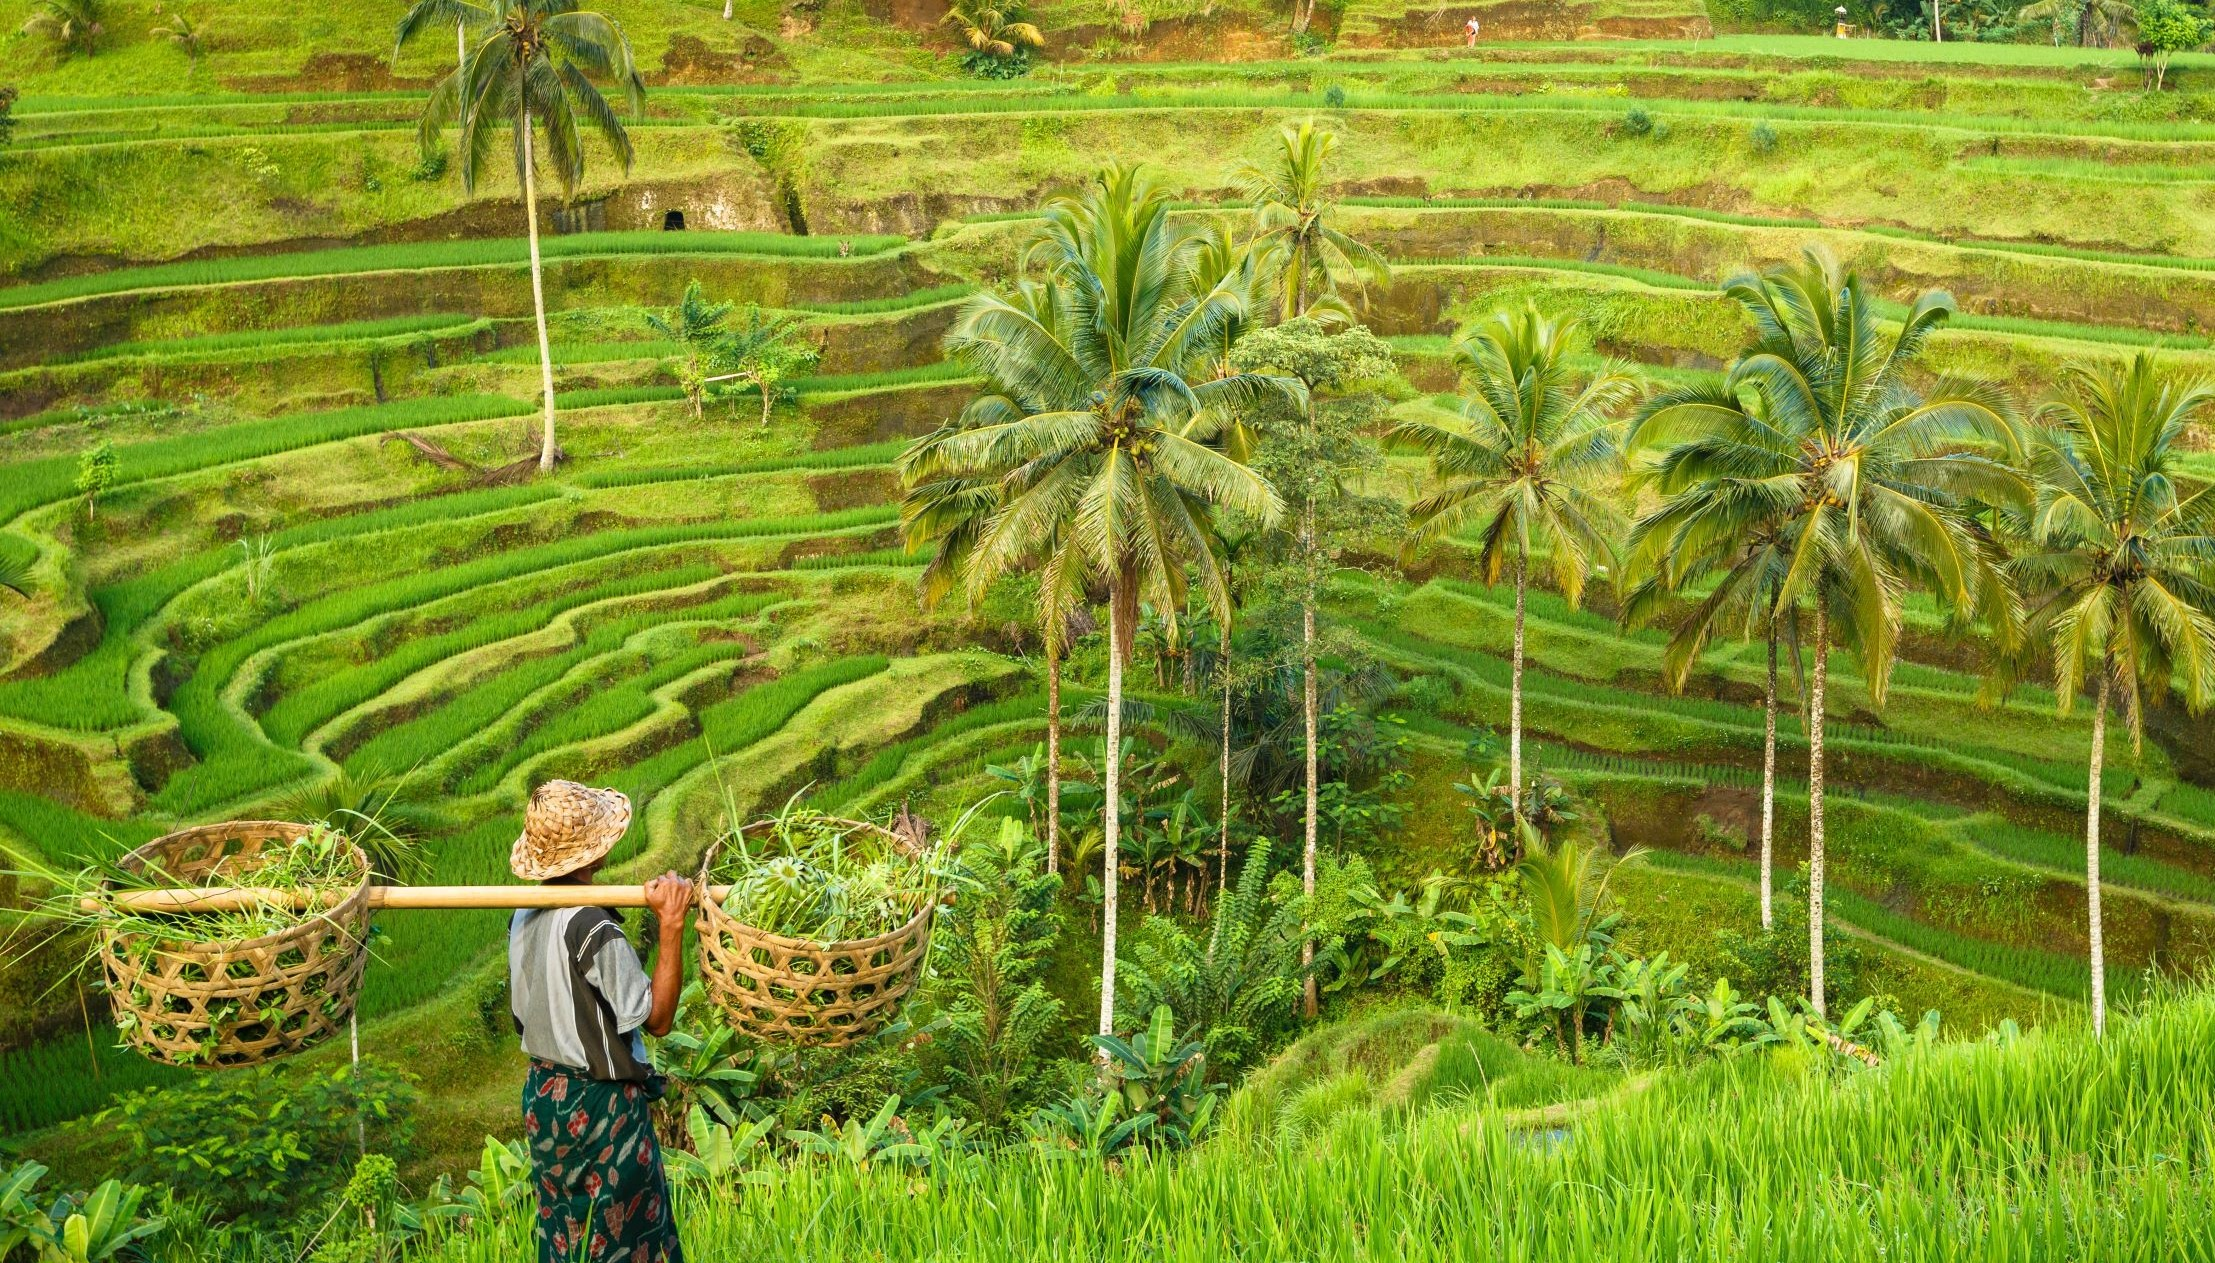 une rizière avec un homme à bali